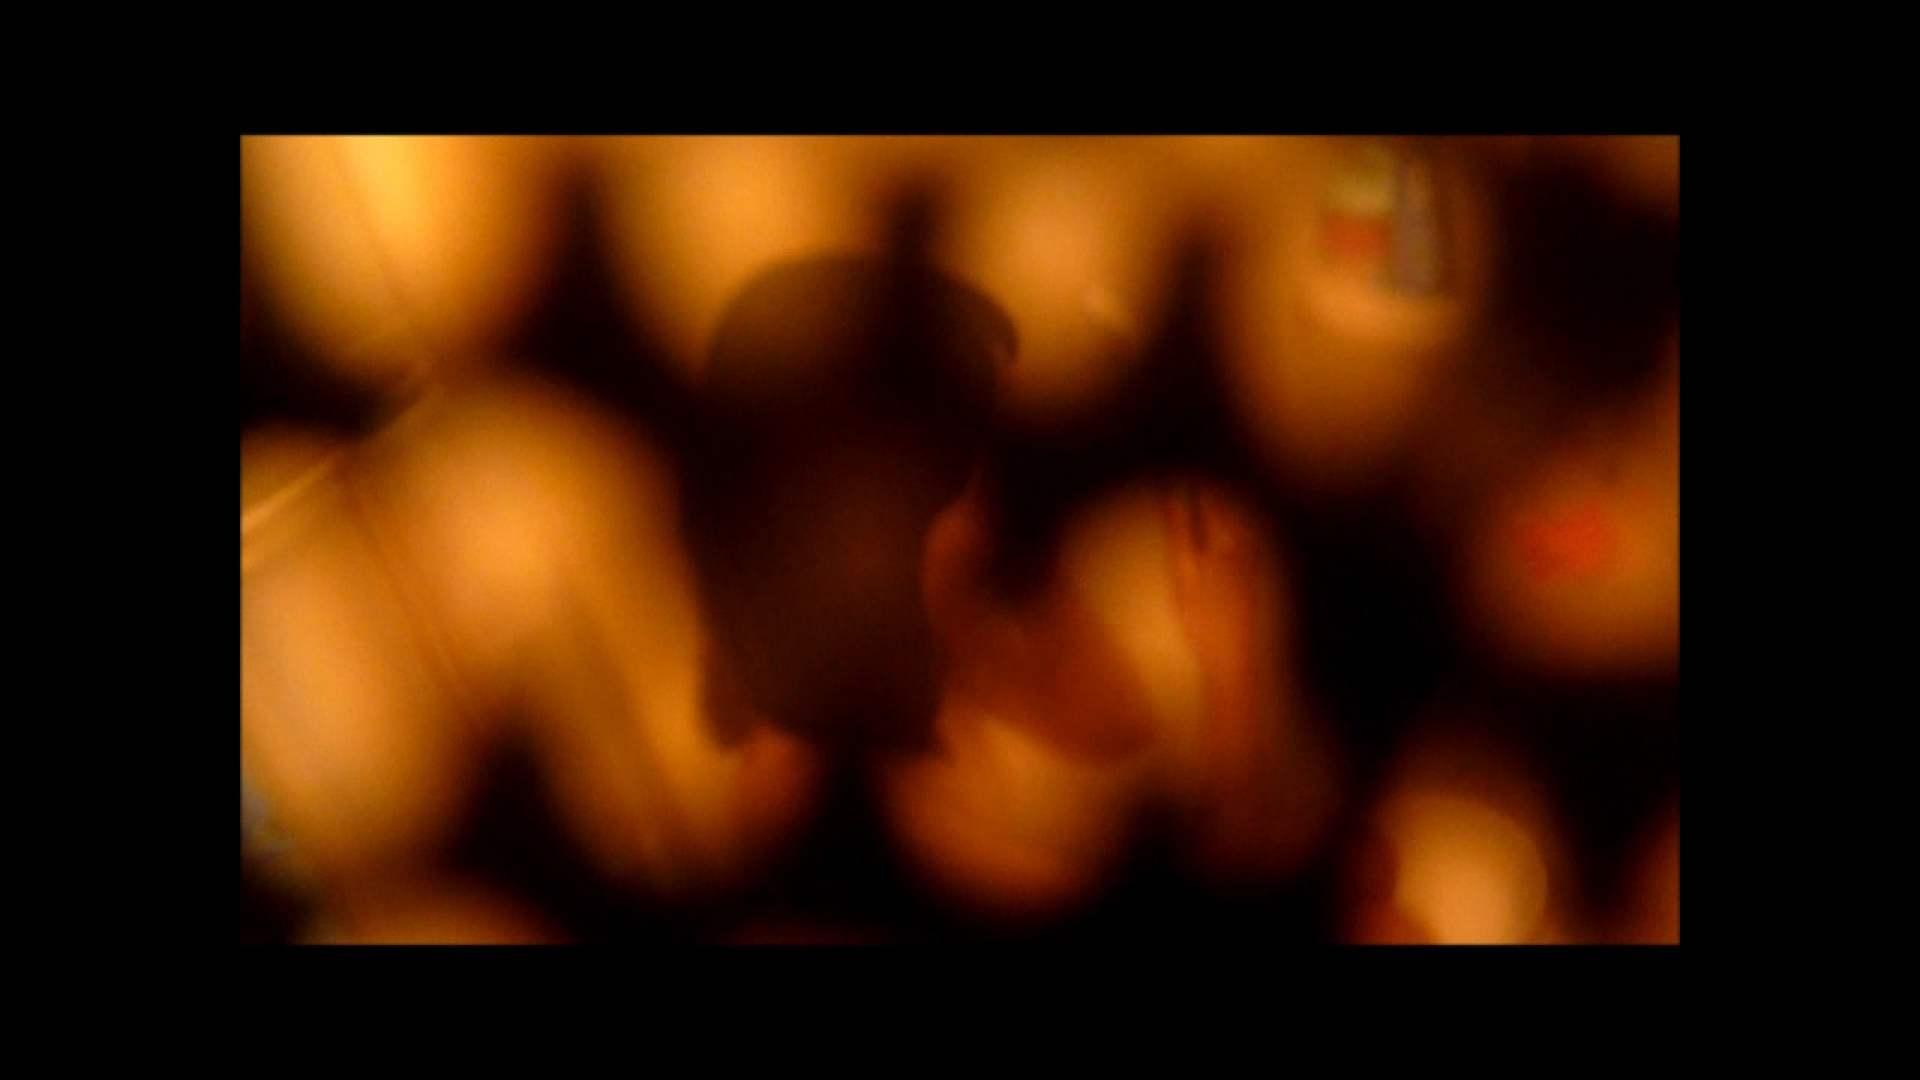 【02】ベランダに侵入して張り込みを始めて・・・やっと結果が出ました。 家宅侵入 | 0  82画像 52